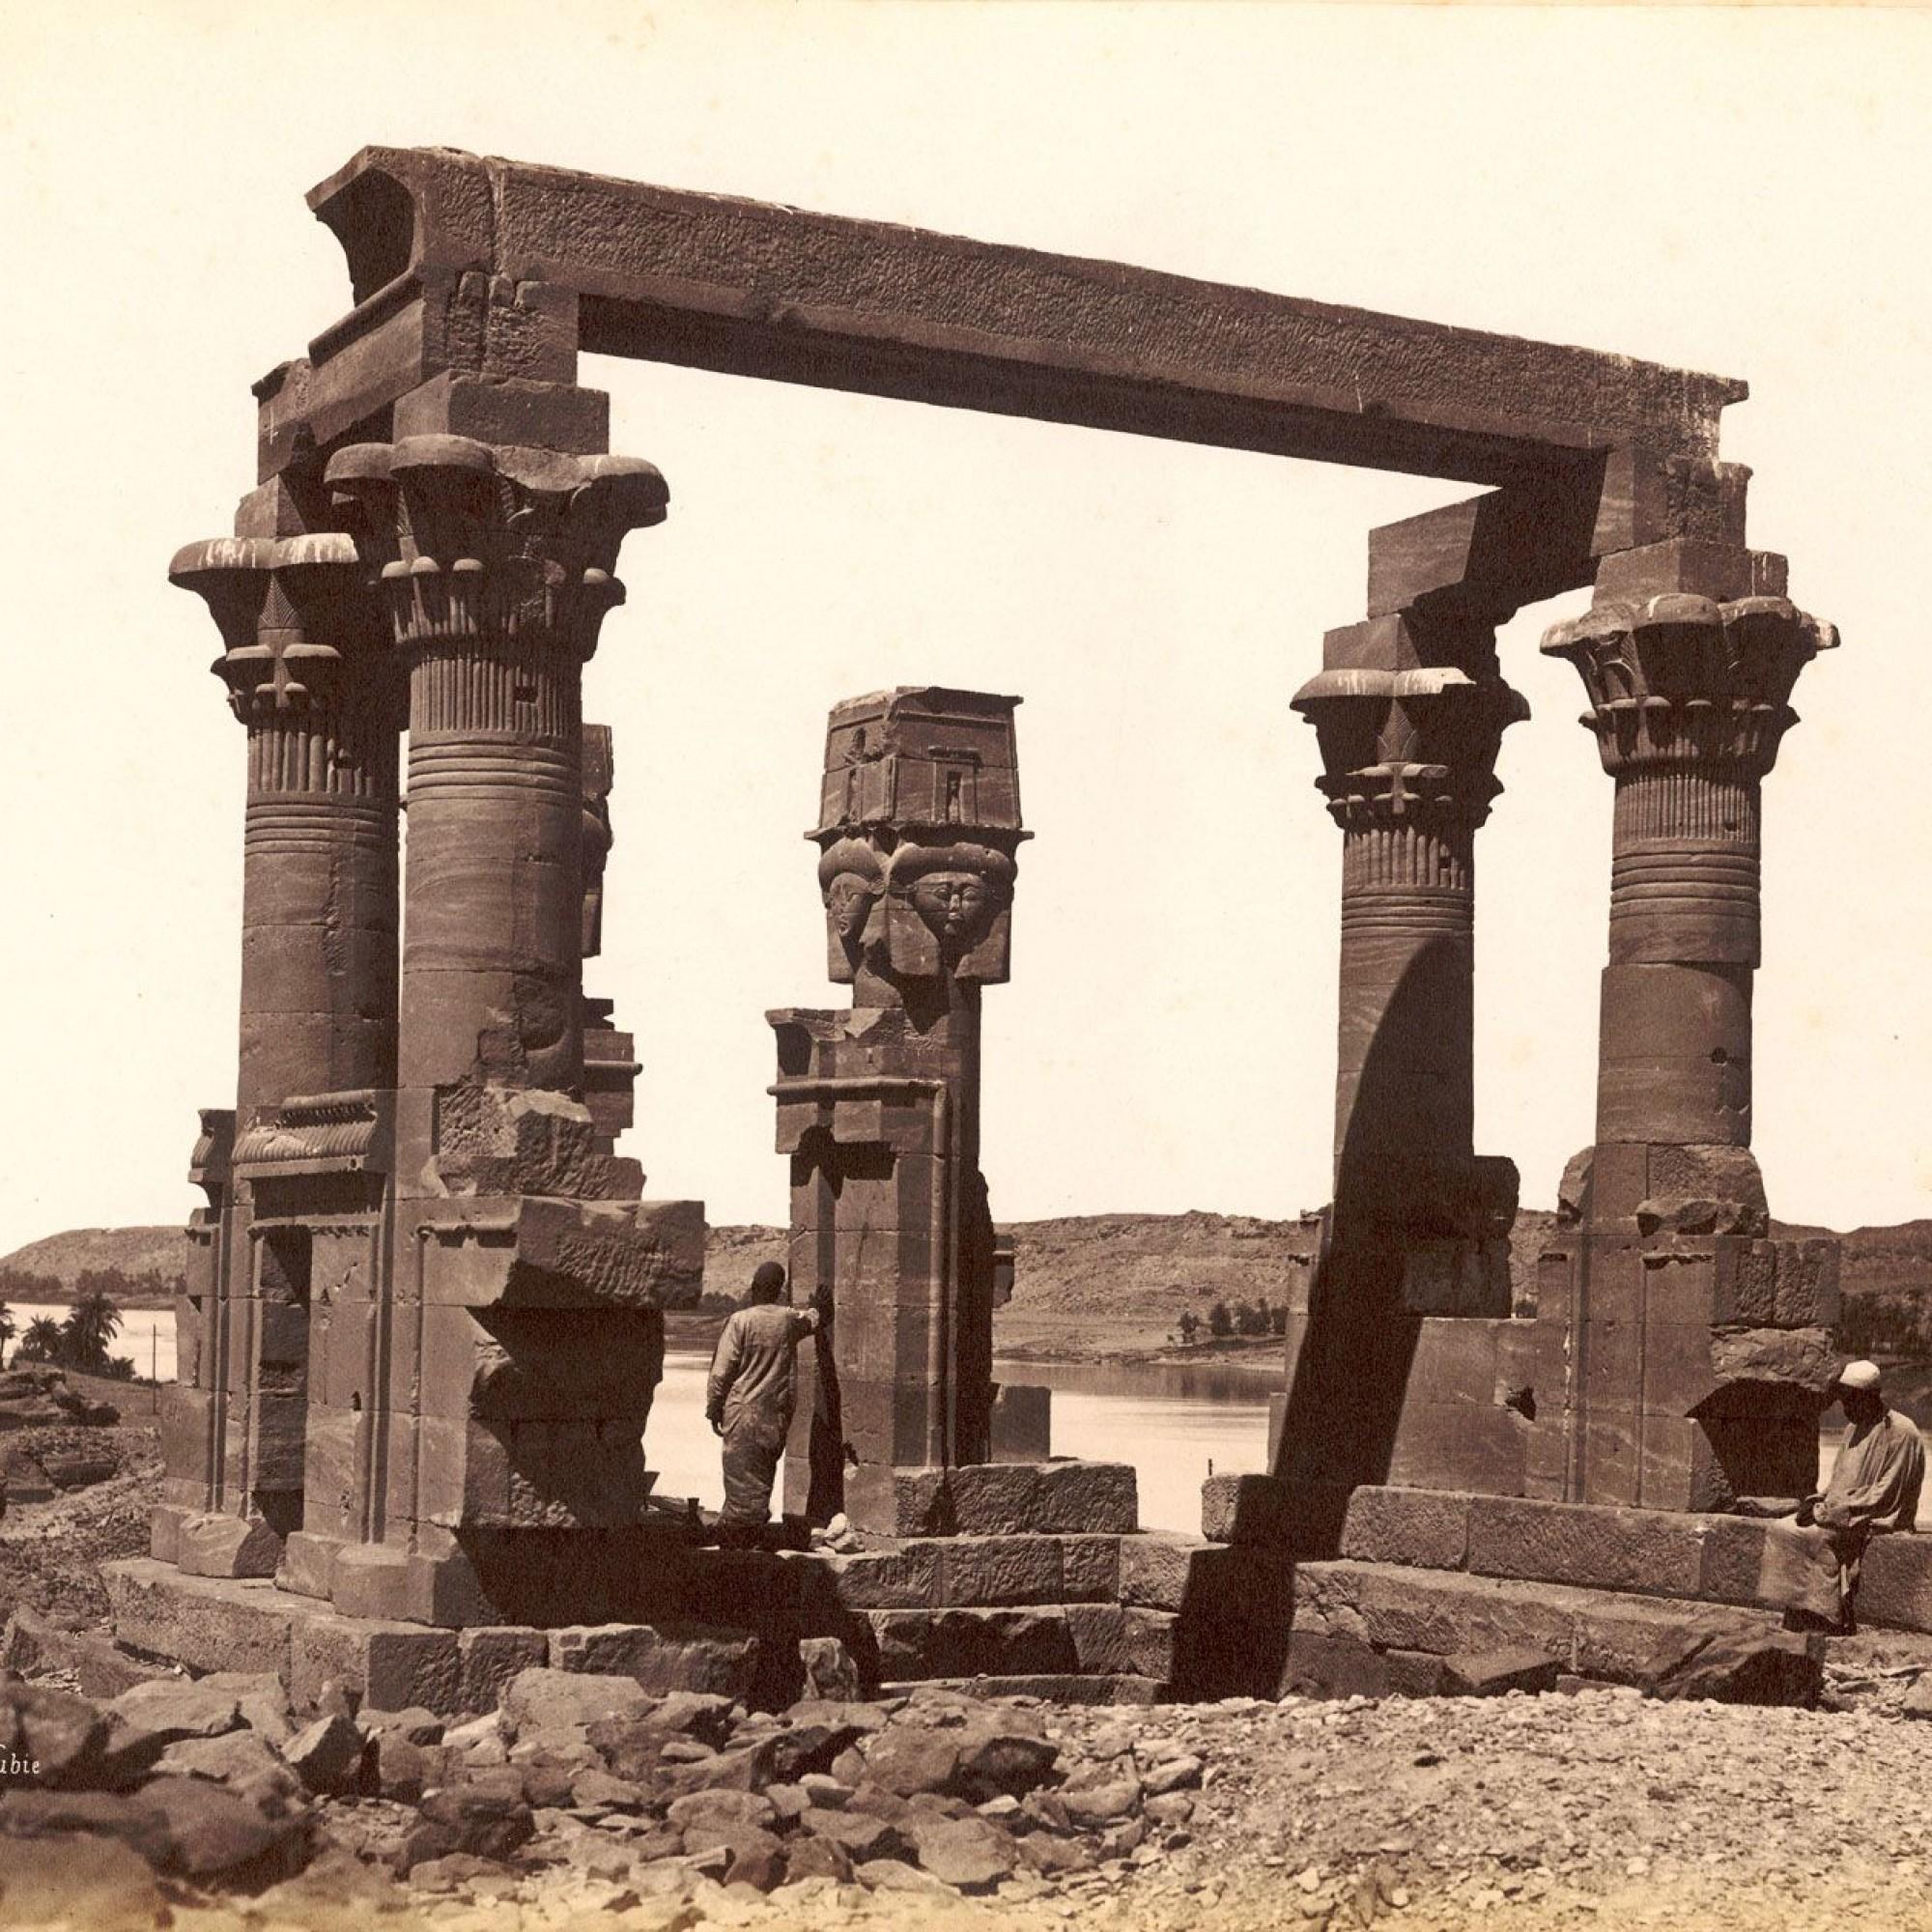 Tempel von Kertassi, Nubien